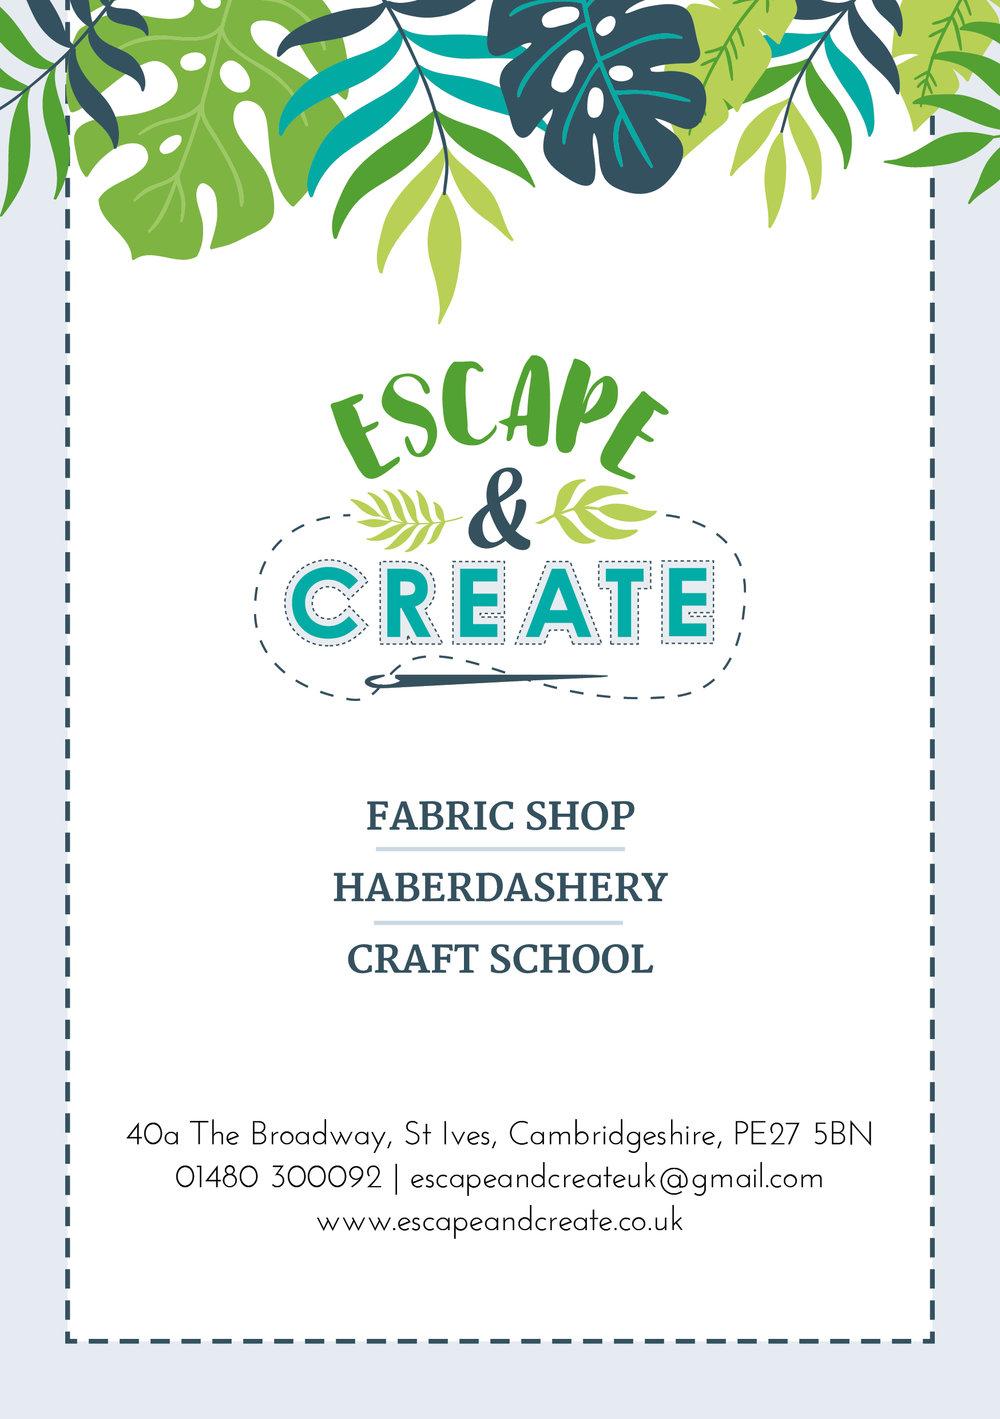 Krishna Solanki Designs - Escape & Create - A5 flyer